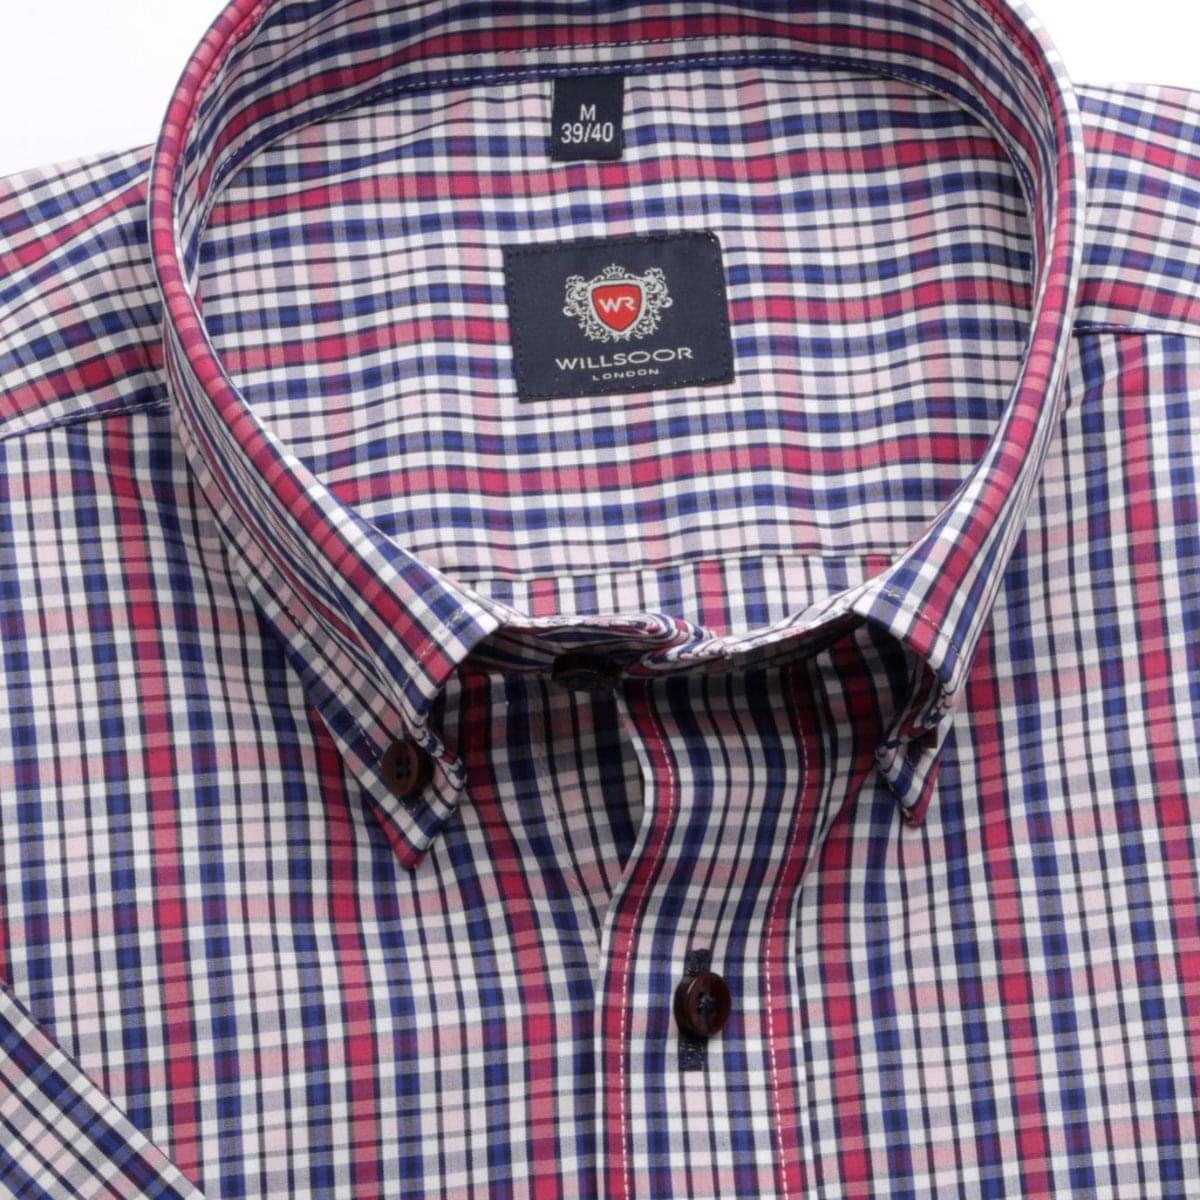 Pánská klasická košile London (výška 176-182) 6563 s barevnou kostkou a formulí Easy Care 176-182 / XL (43/44)